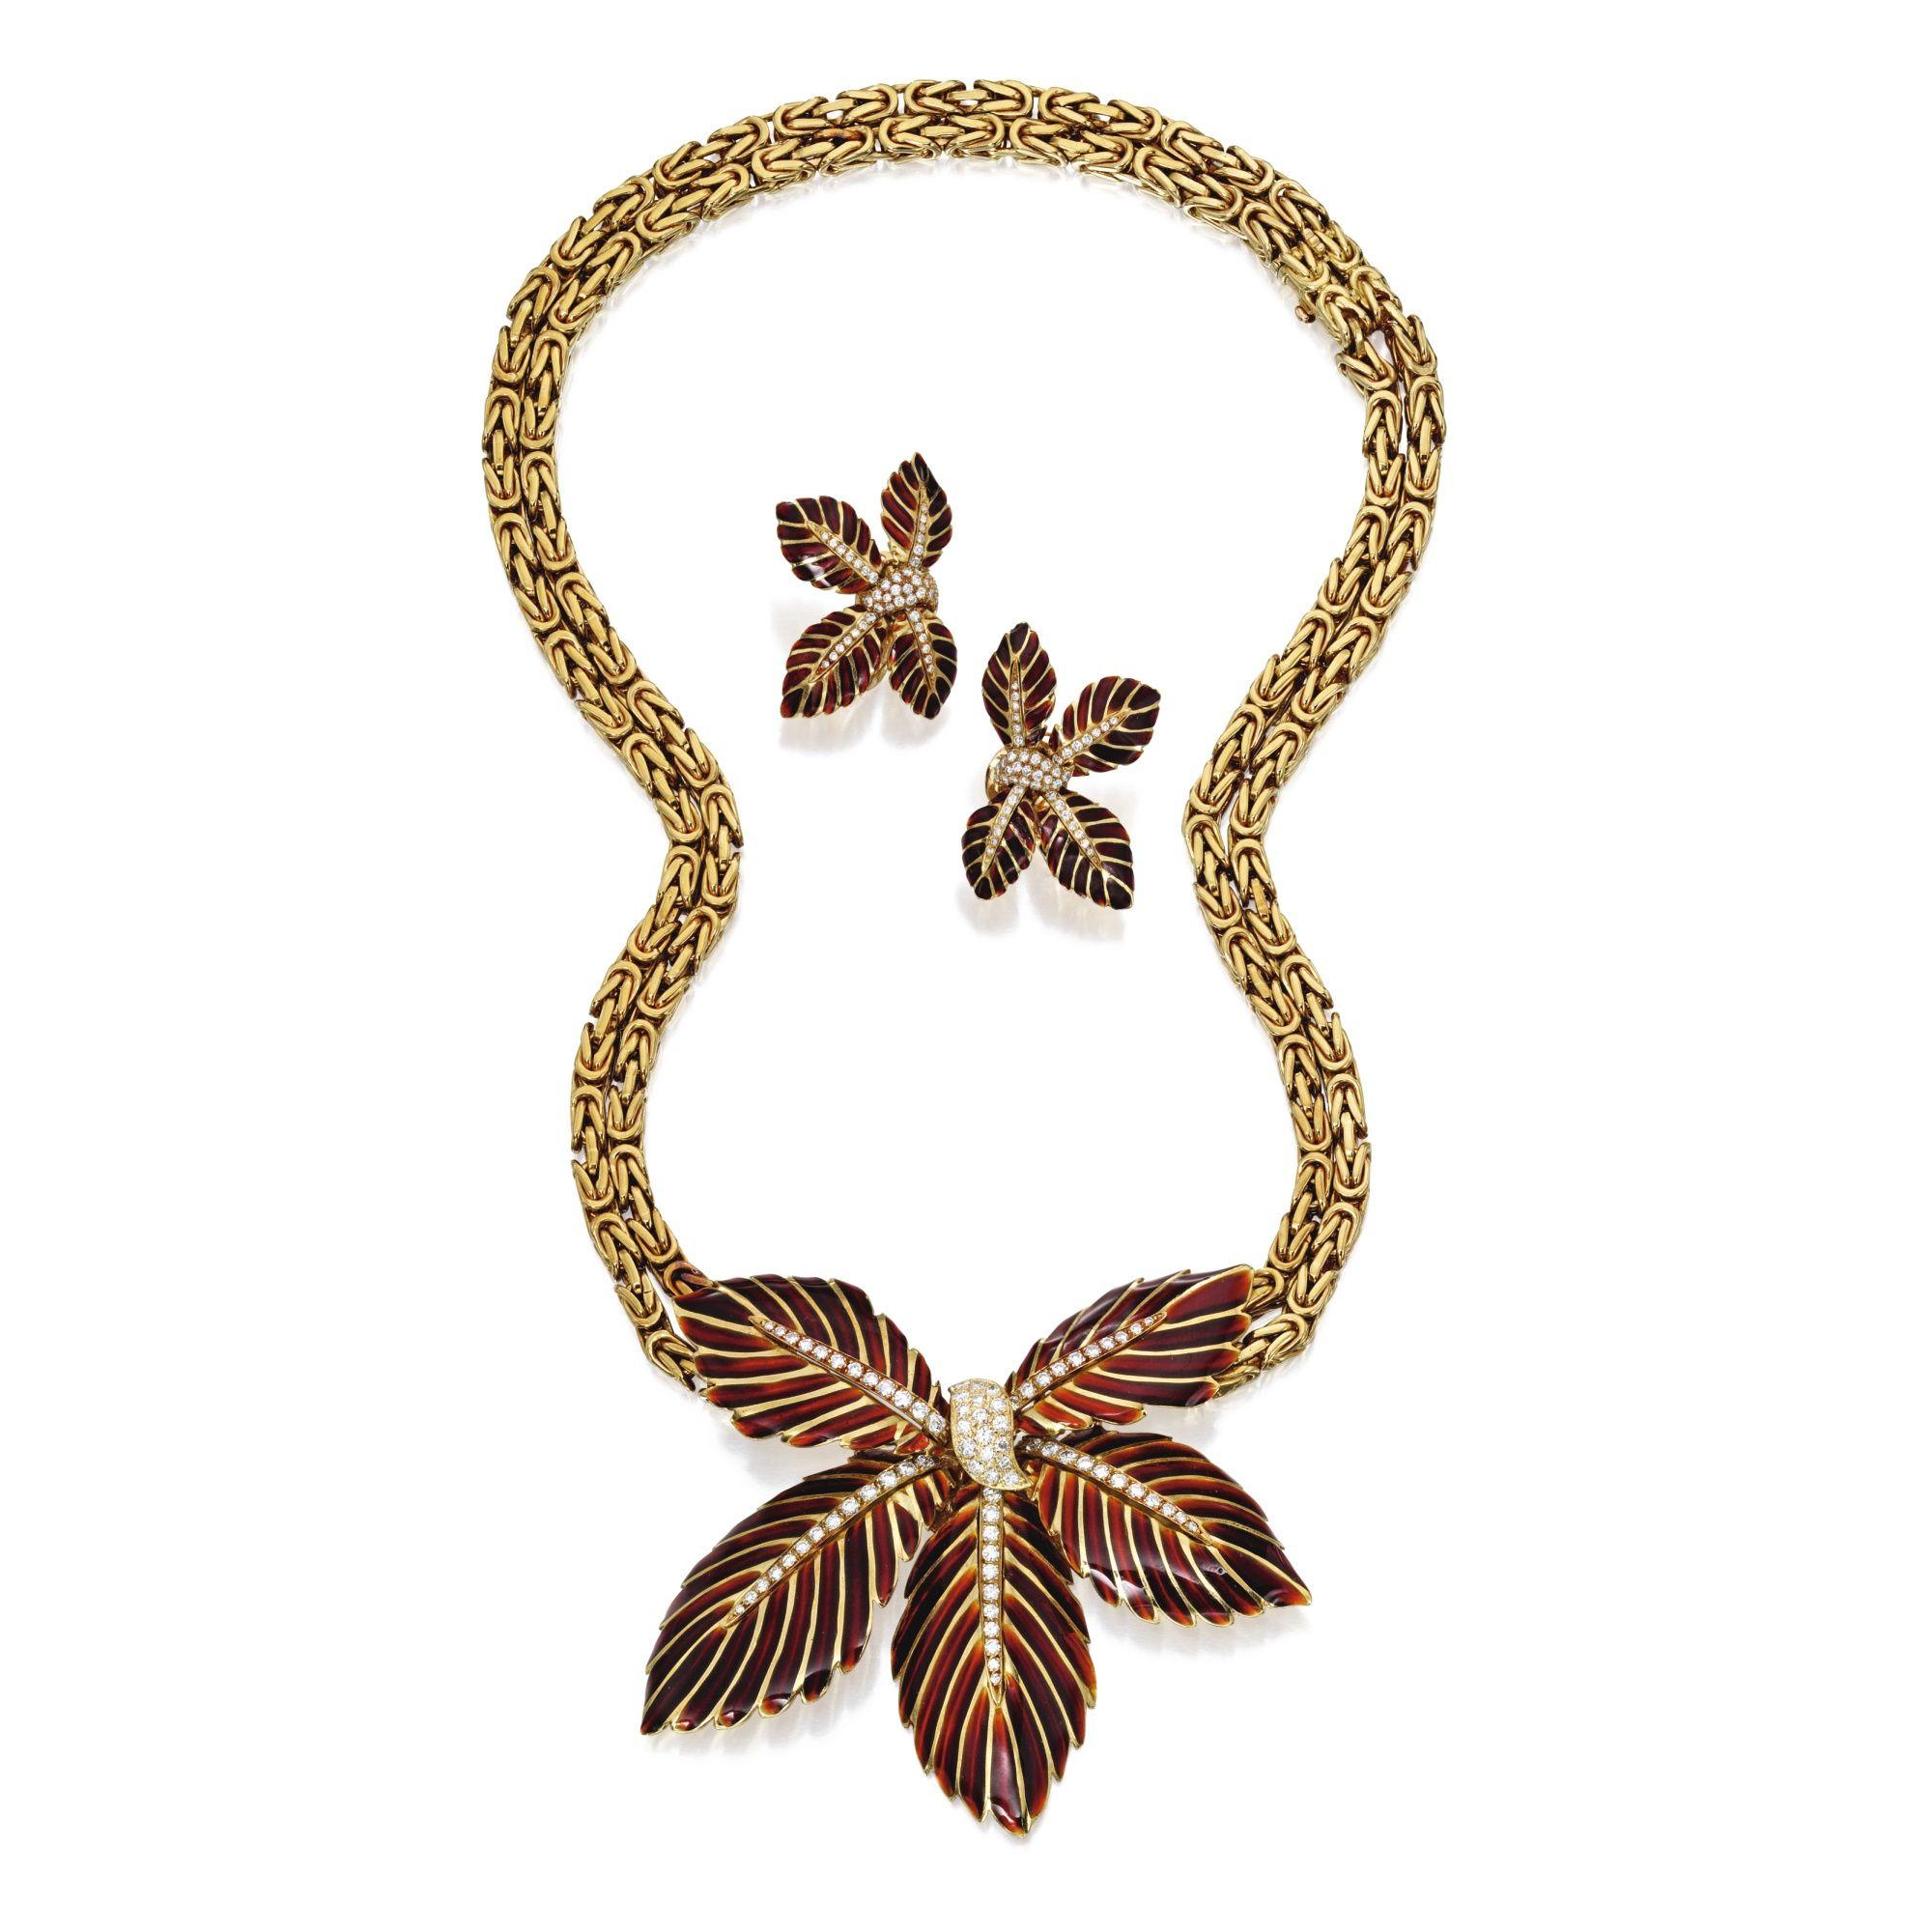 Gérard earclips sothebyus nlotsyen fashion jewelry